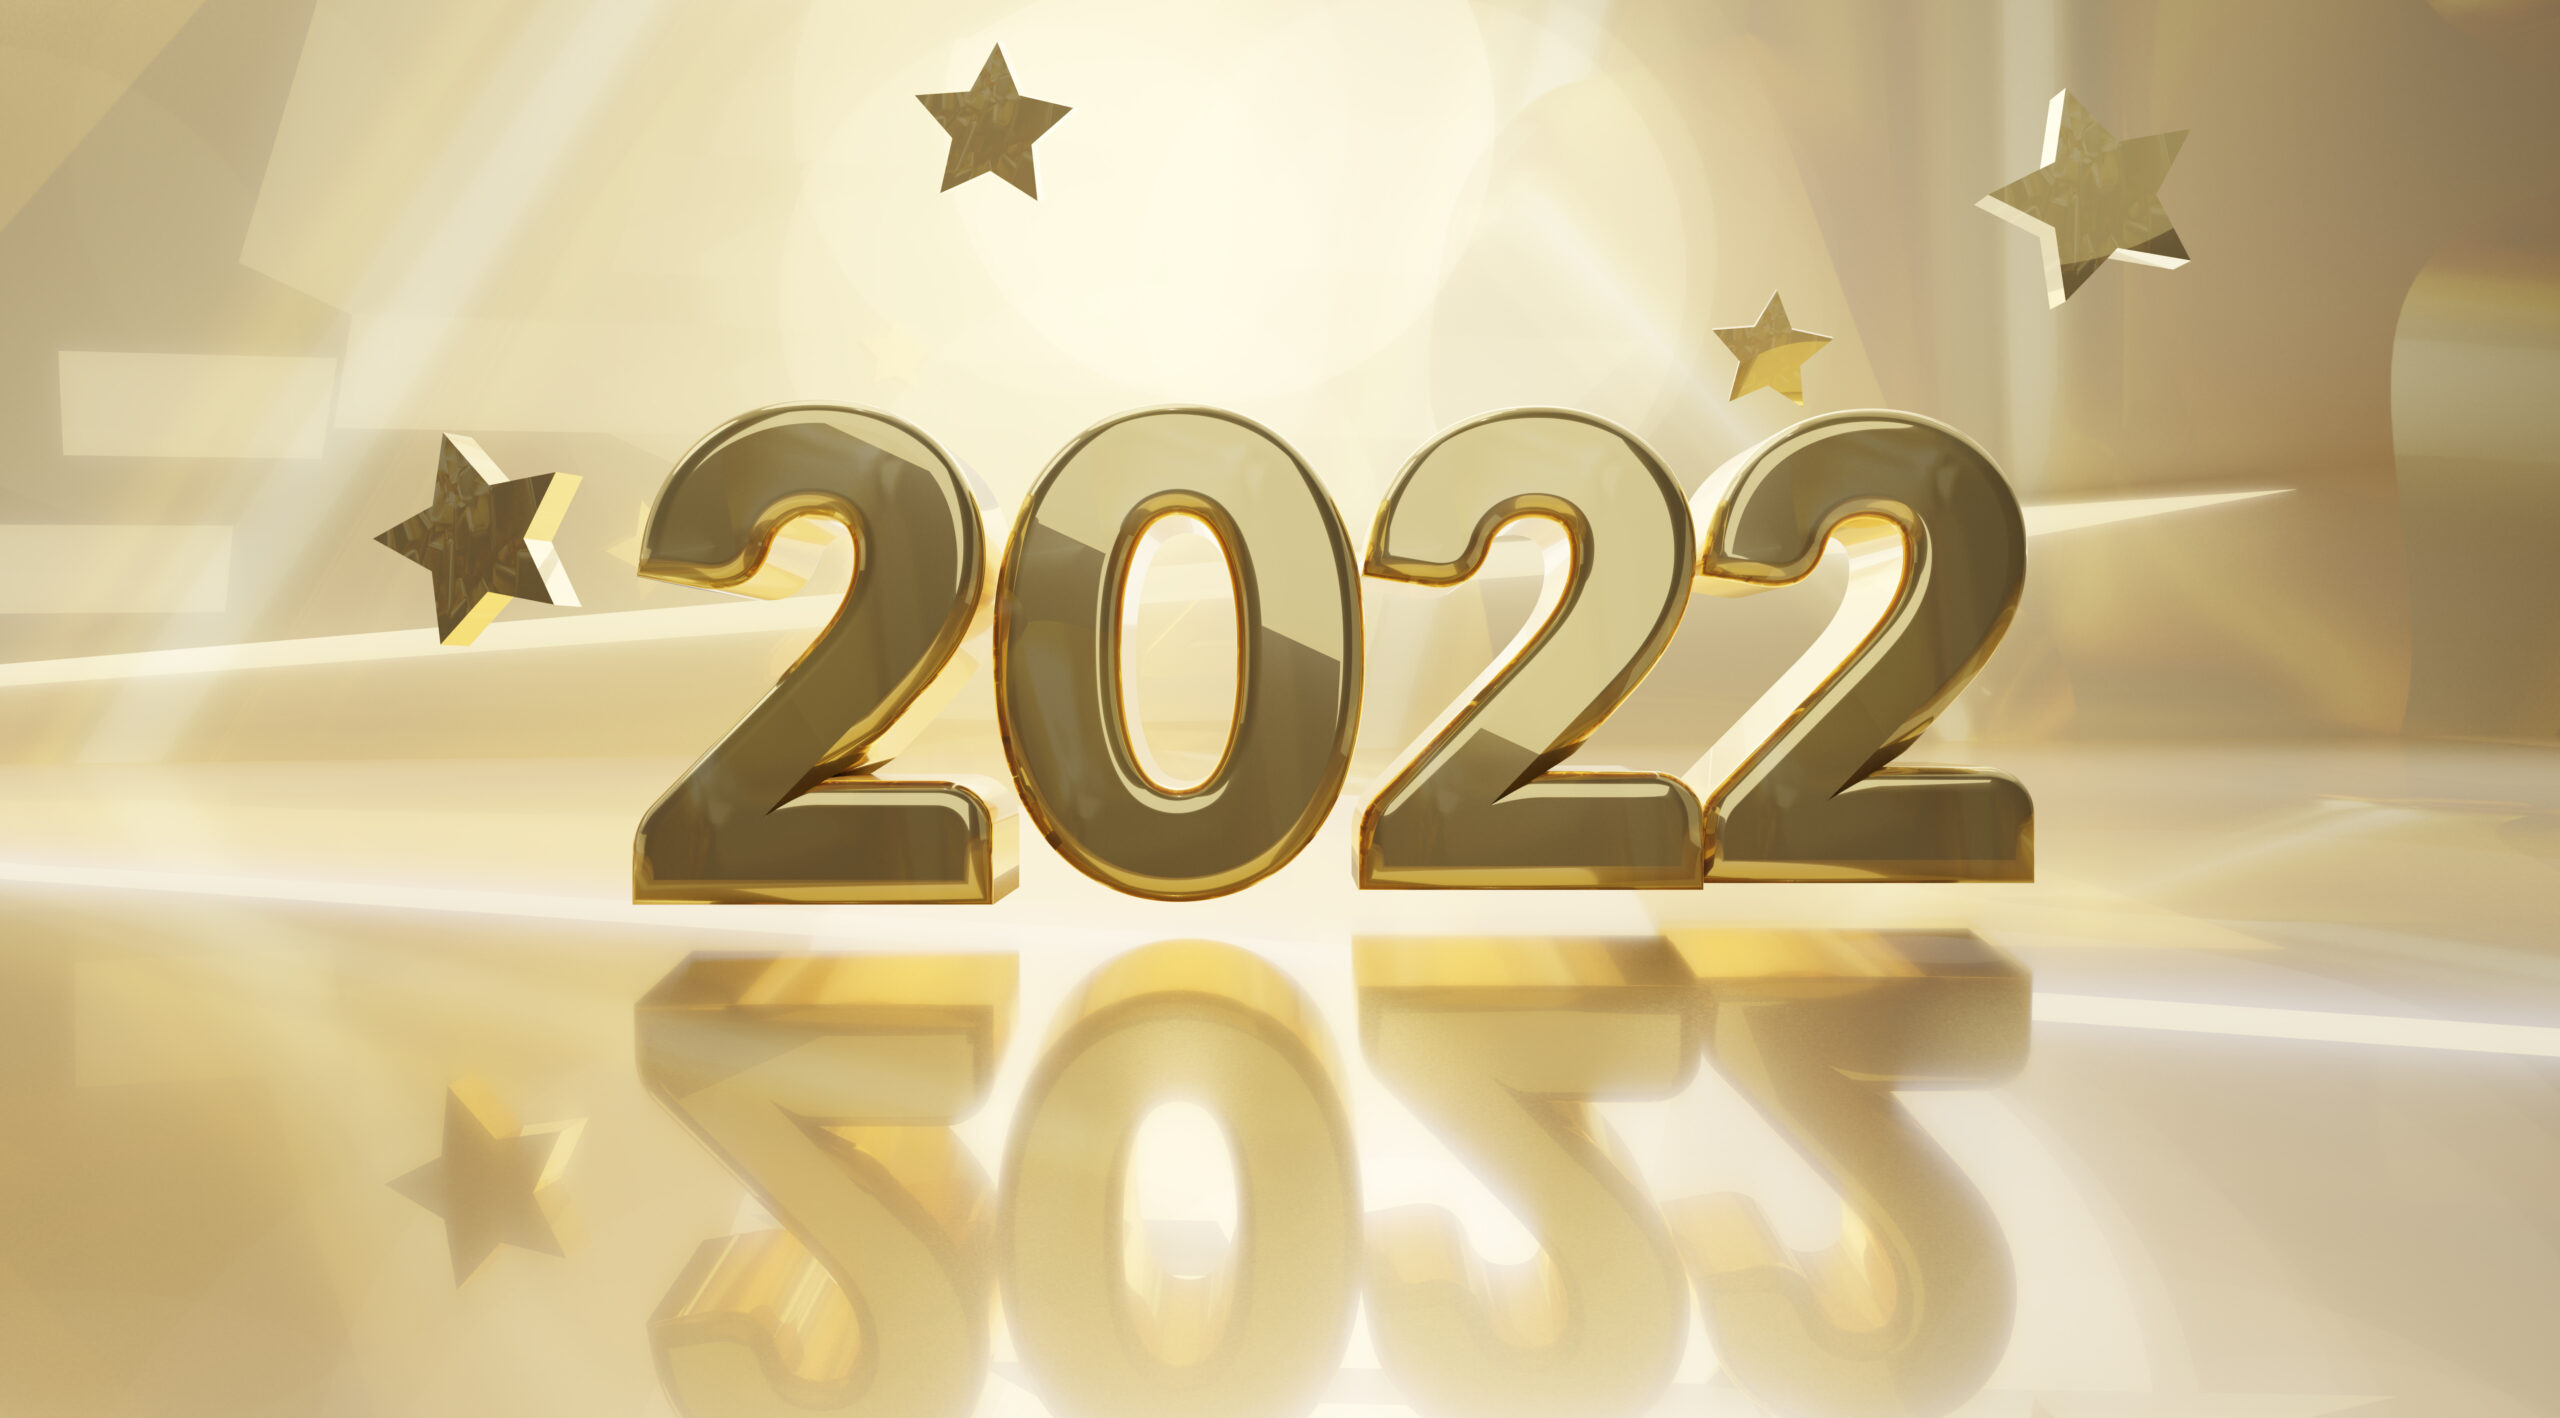 golden design background 2022 3d-illustration